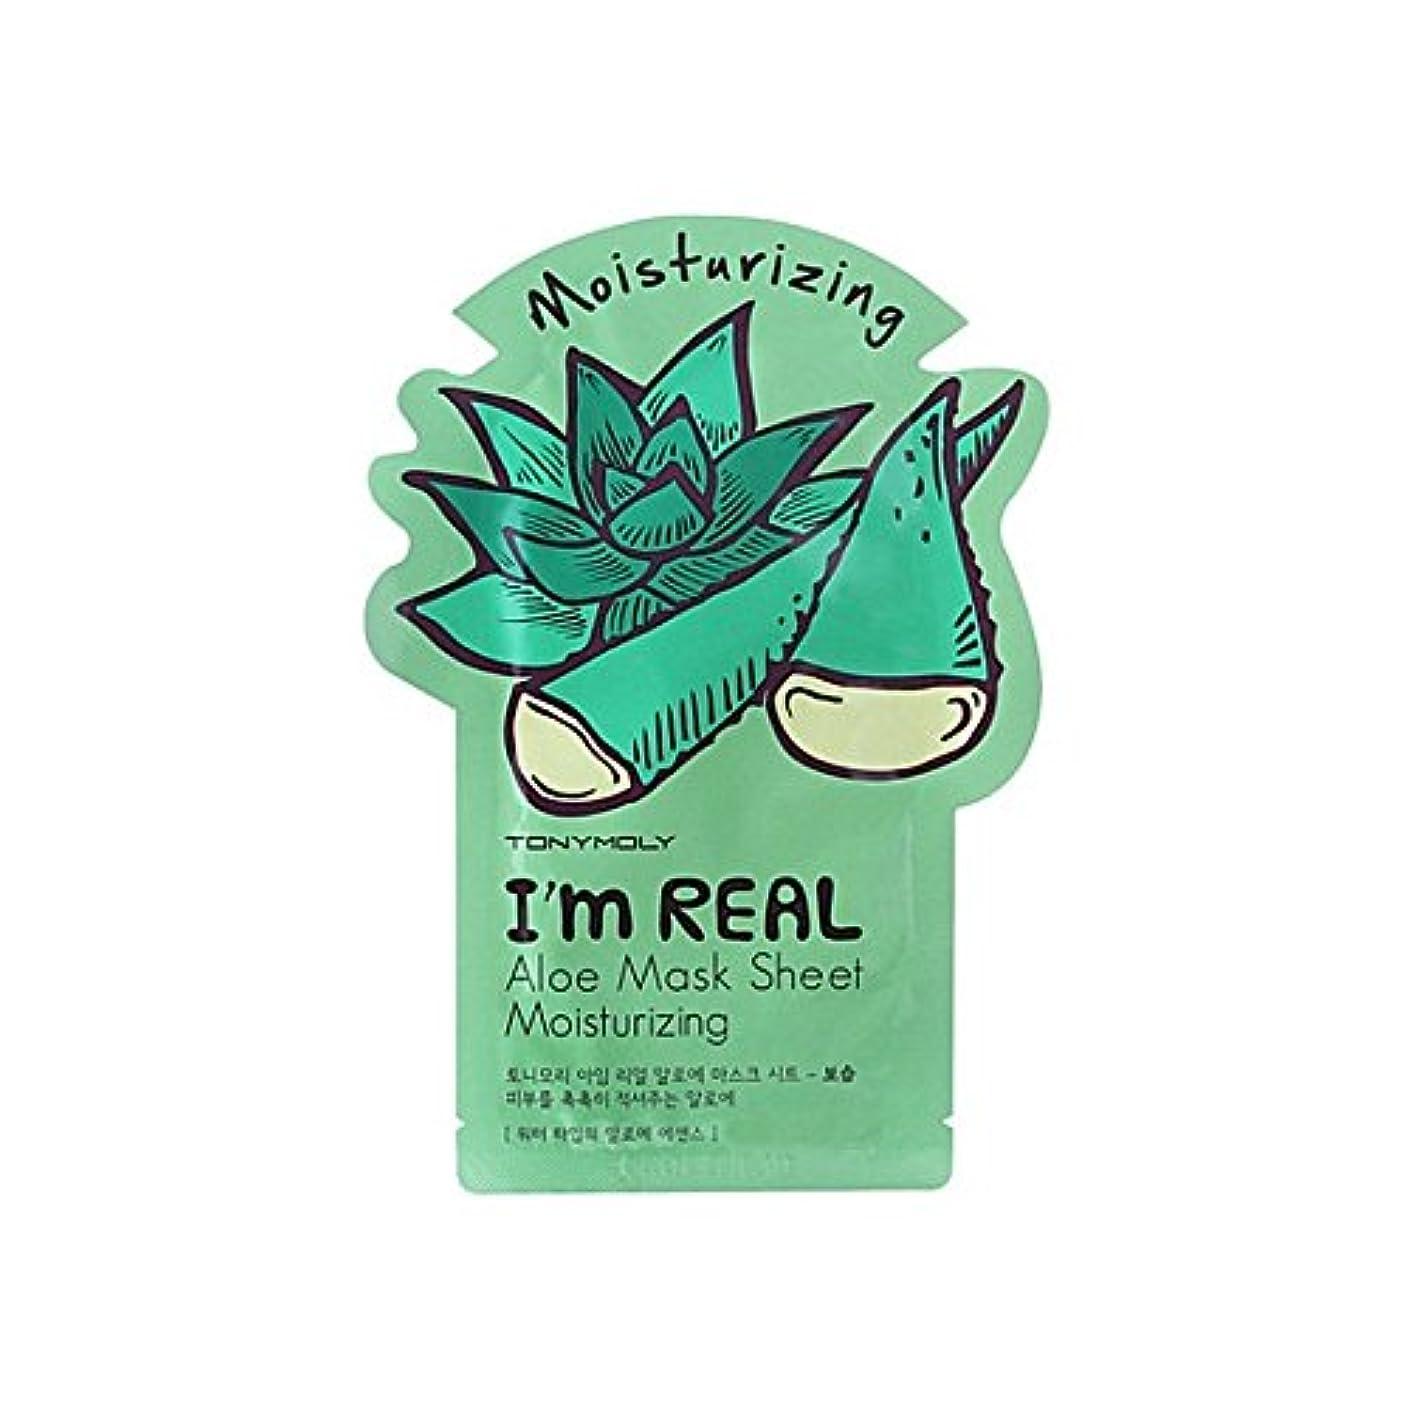 発掘するセンサー赤外線Tony Moly I'M Real Moisturising Aloe Face Mask - トニーモリー私は本当の保湿アロエフェイスマスクです [並行輸入品]